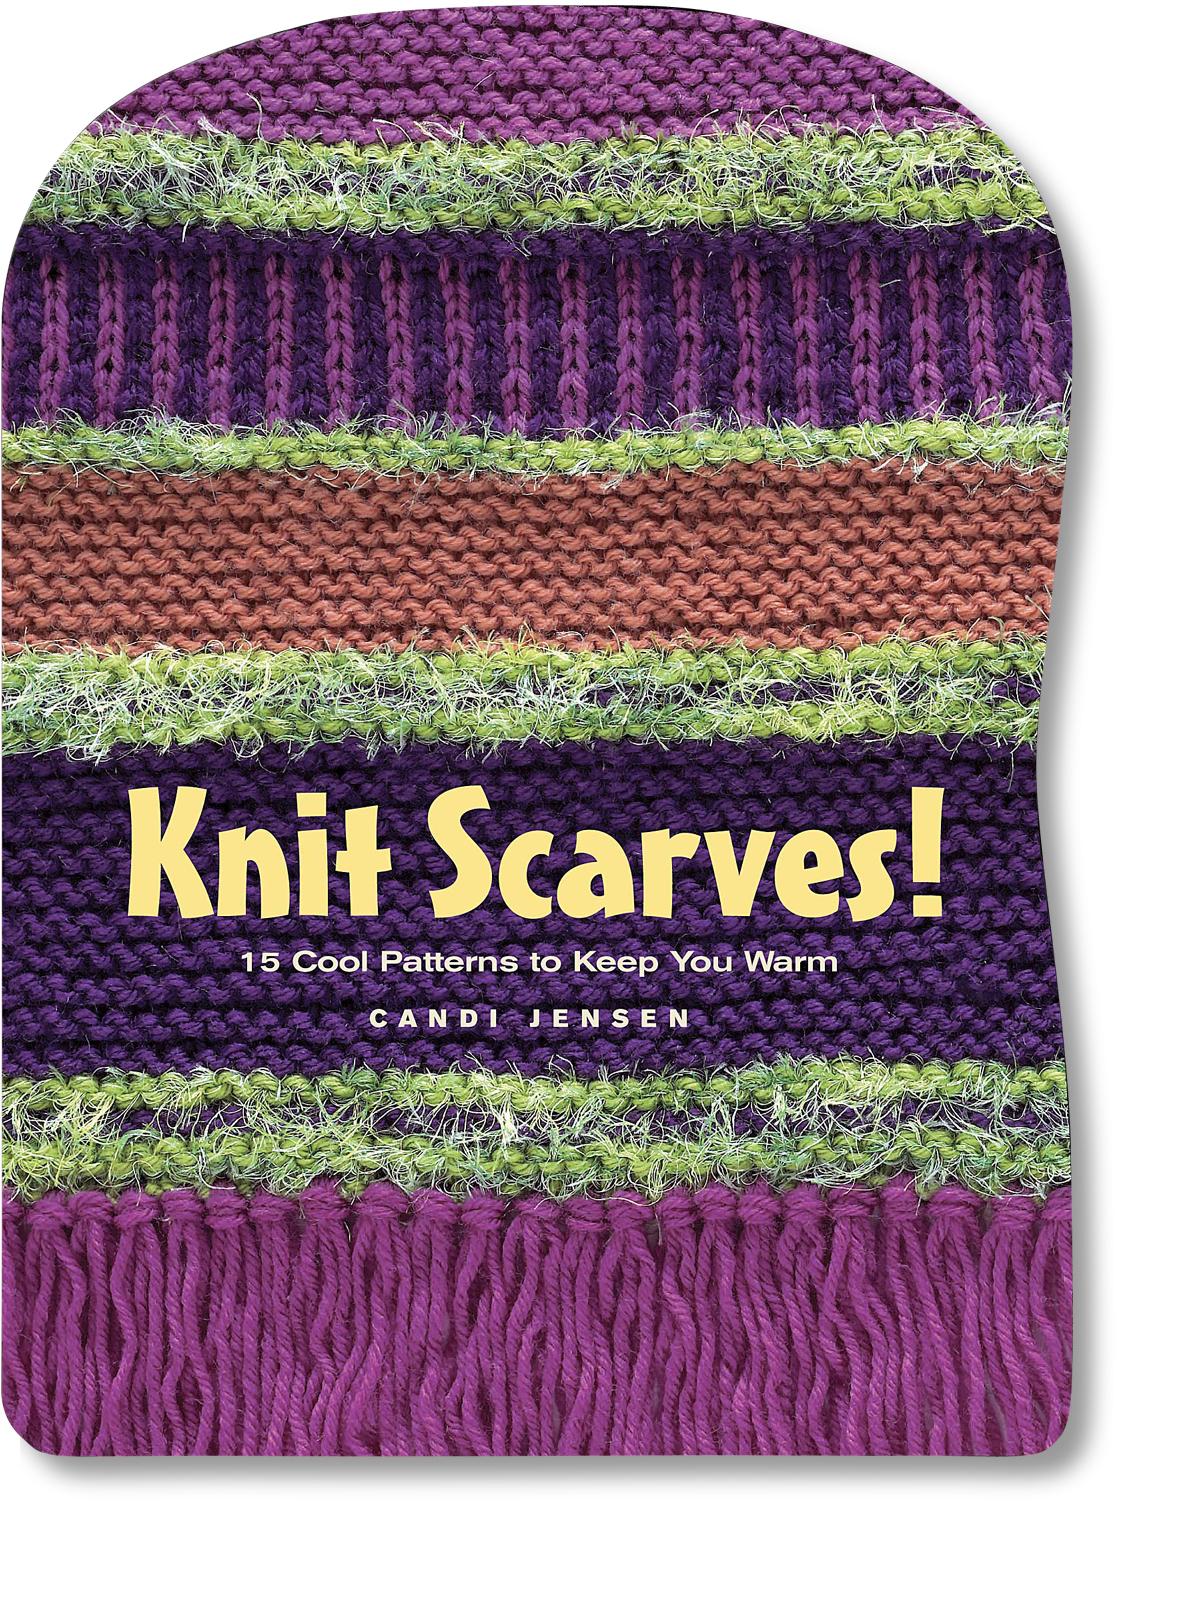 Knit Scarves!  - Candi Jensen